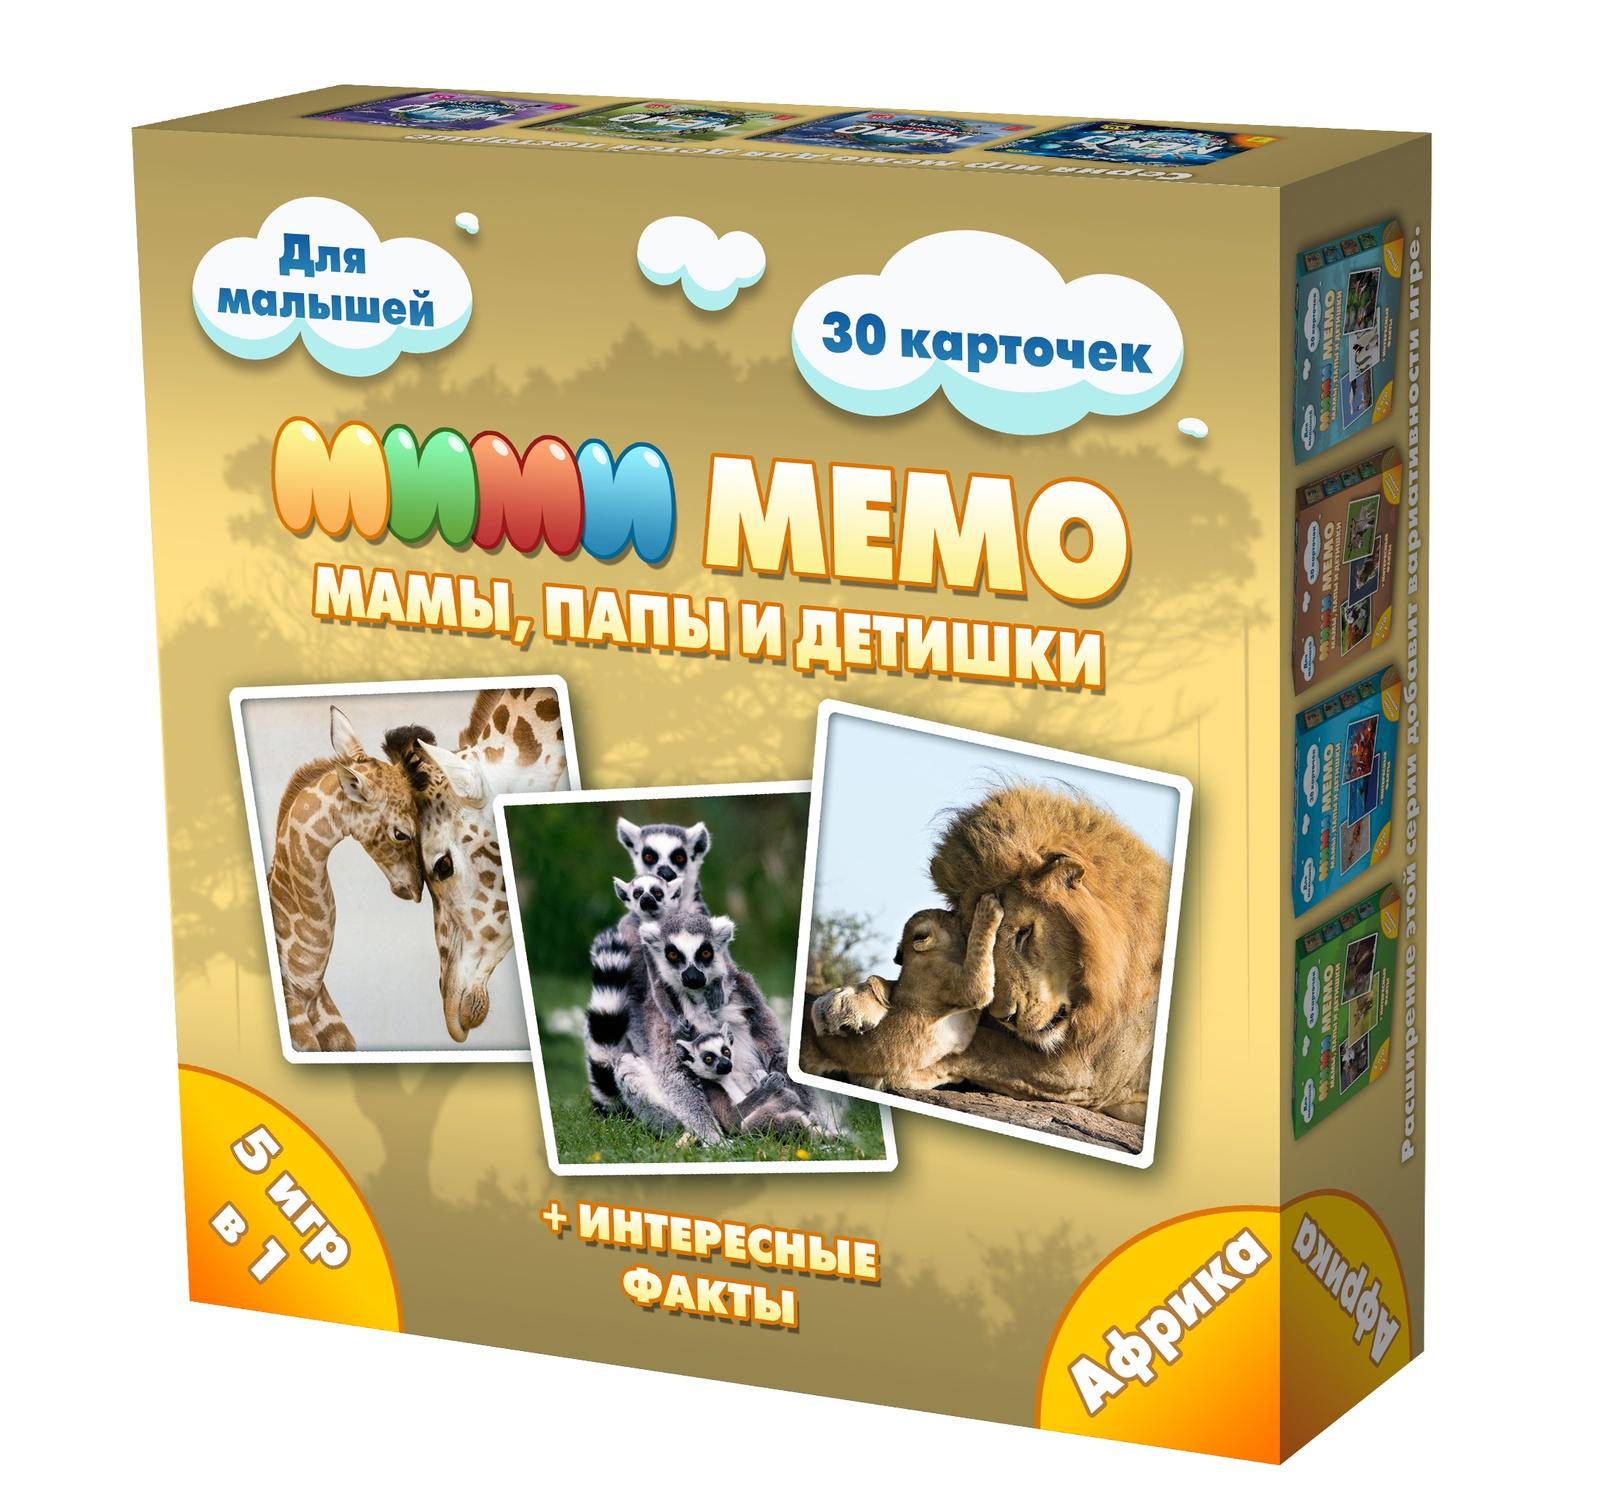 Обучающая игра Нескучные игры Ми-Ми-Мемо, 8049 анданте мемо обучающая игра найди пару формы и цвета 24 фишки